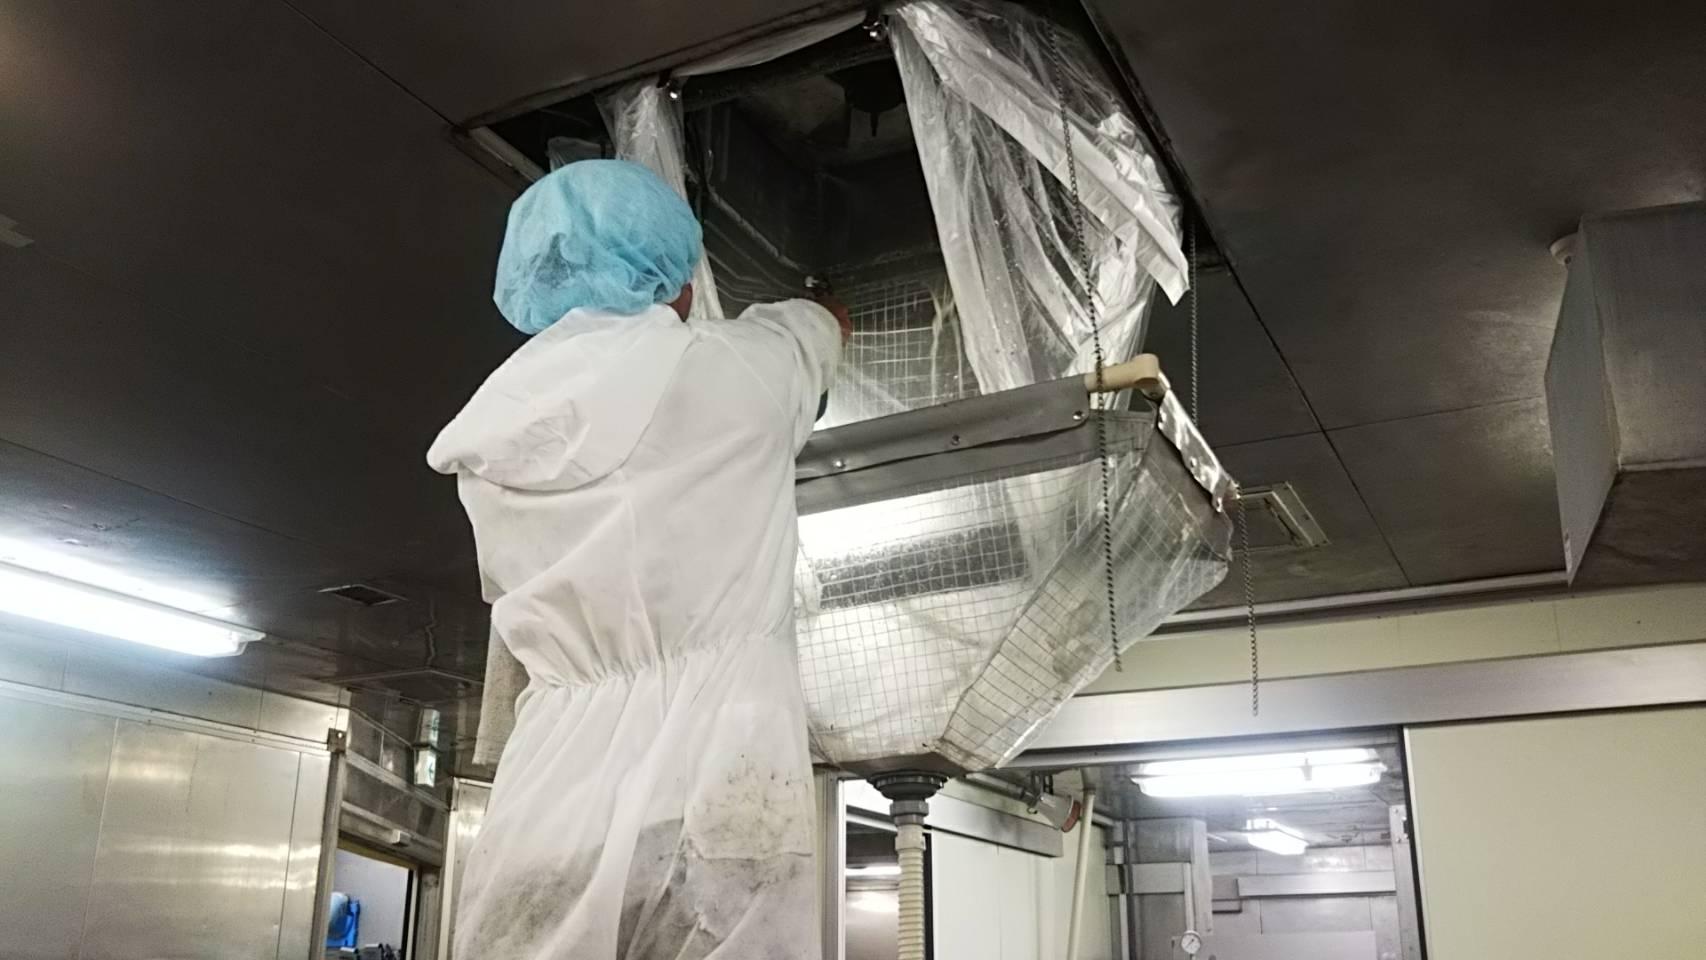 天井カセットエアコン分解洗浄